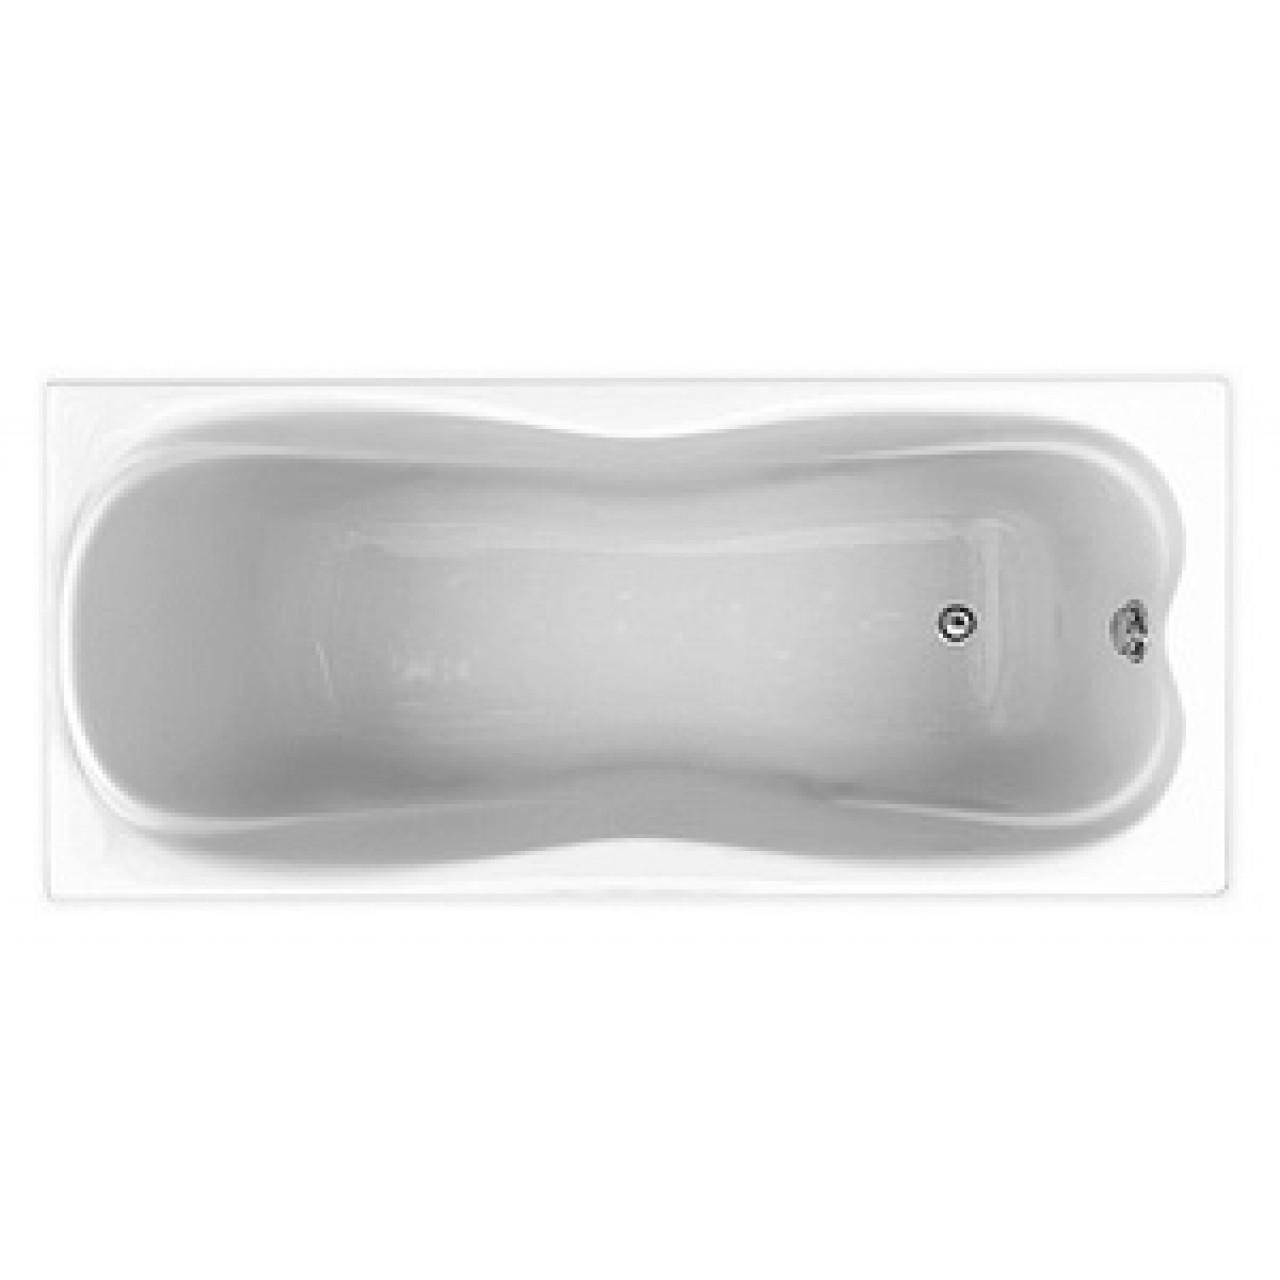 Акриловая ванна Triton Эмма 1700х700х620 купить в Москве по цене от 12680р. в интернет-магазине mebel-v-vannu.ru